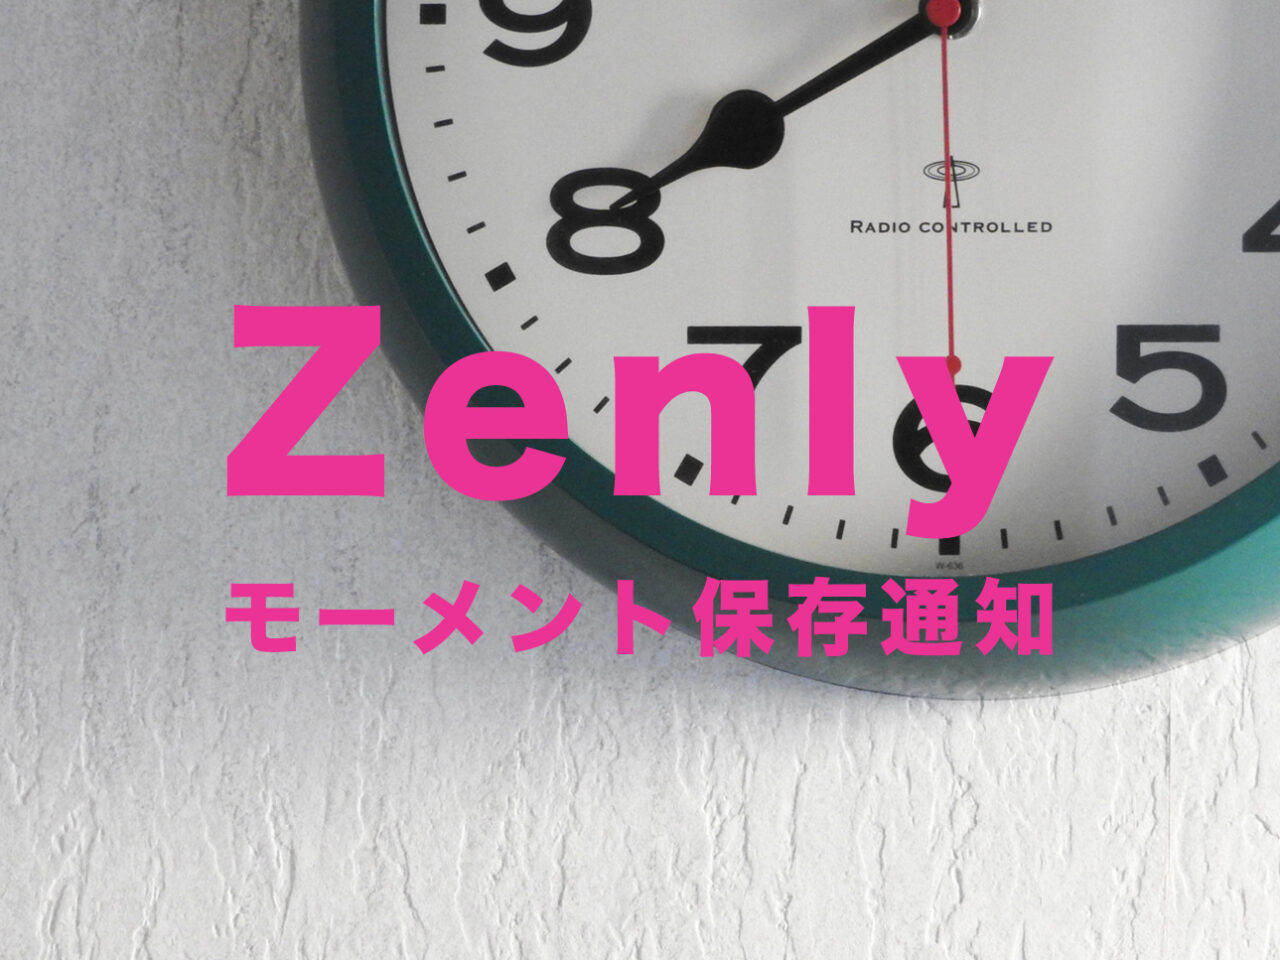 ゼンリー(Zenly)でWhat's Upのモーメントを保存すると通知される?相手にバレる?わかる?【メモリー機能】のサムネイル画像